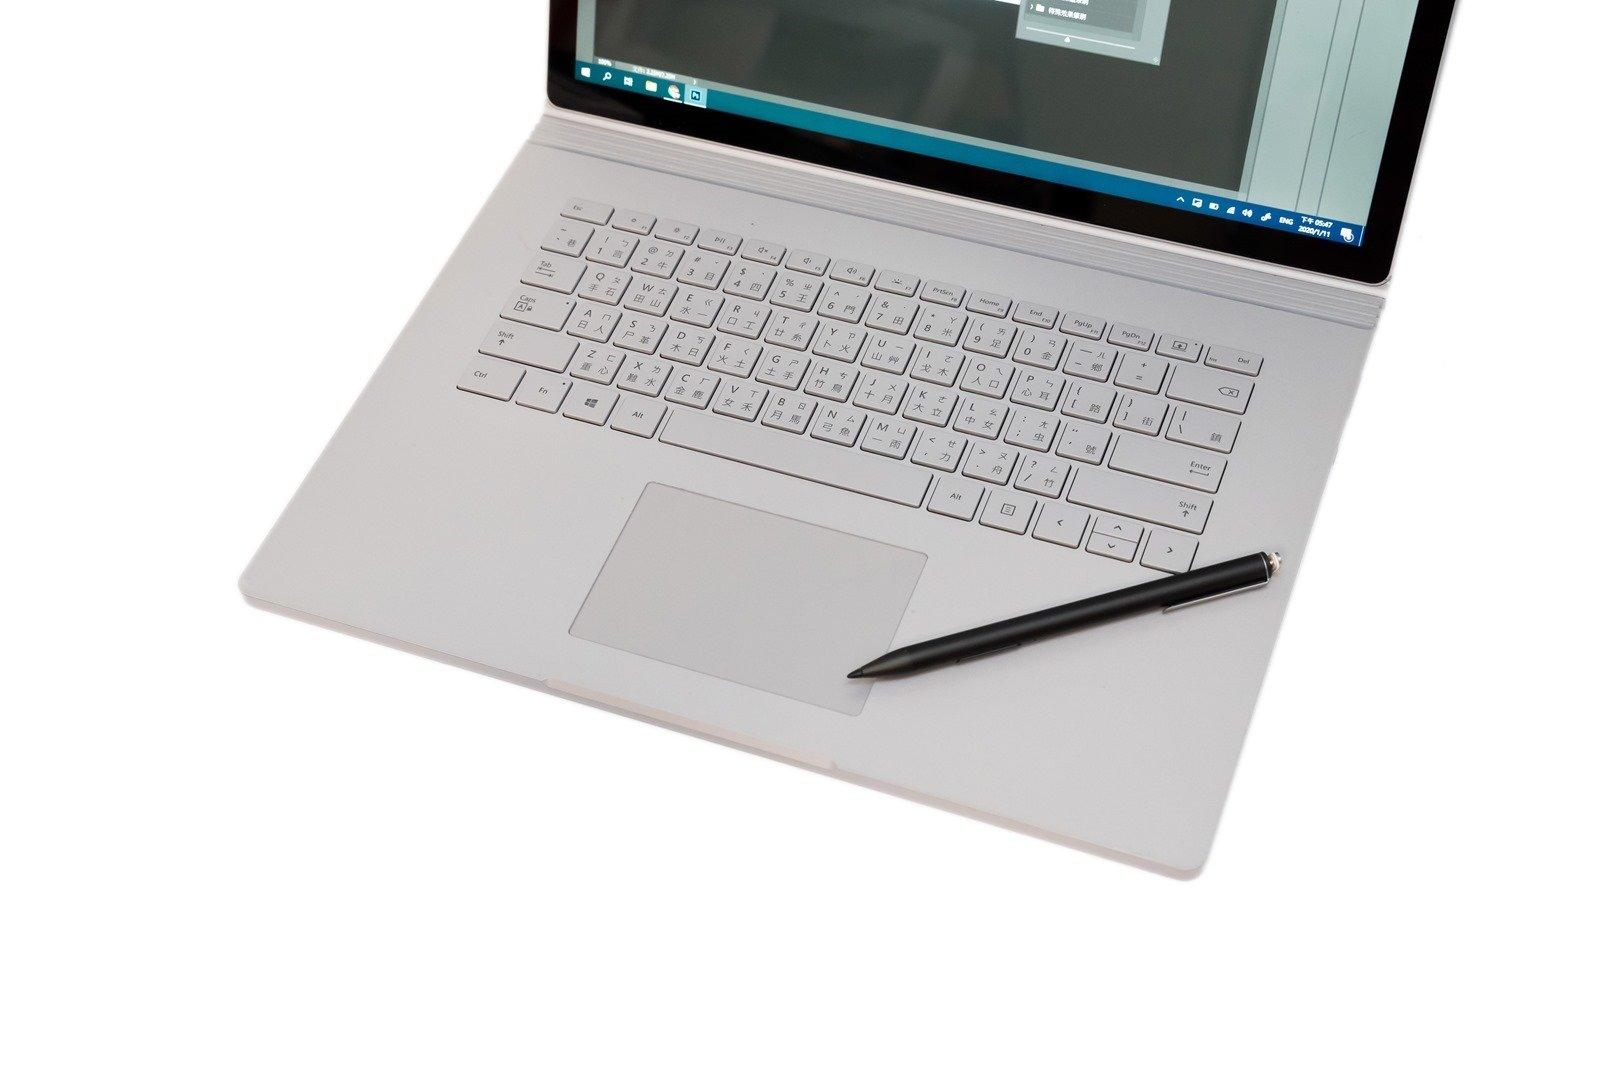 千元有找 Surface 數位筆好不好用?Adonit INK 感壓觸控筆入手心得分享 @3C 達人廖阿輝